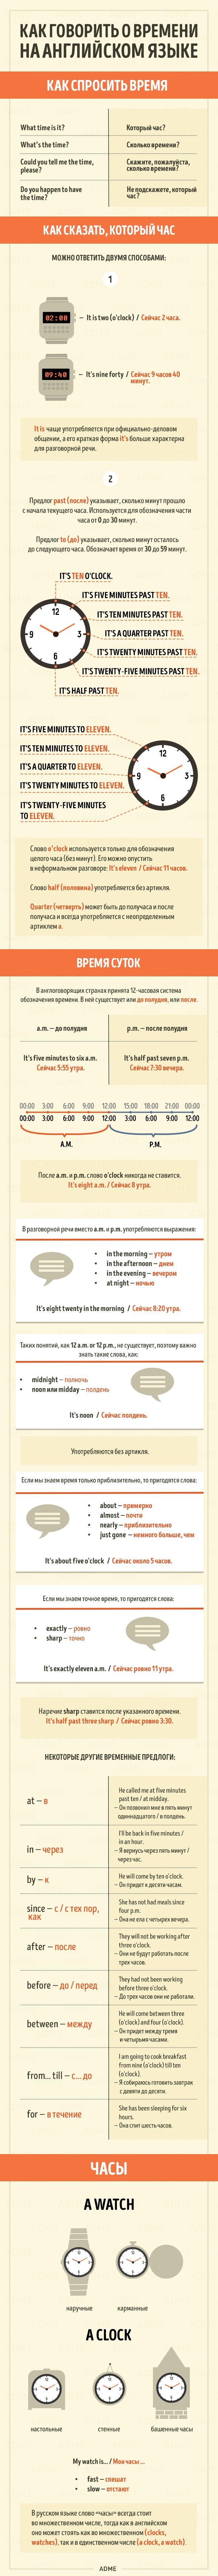 http://www.adme.ru/zhizn-nauka/kak-govorit-o-vremeni-na-anglijskom-yazyke-1224360/